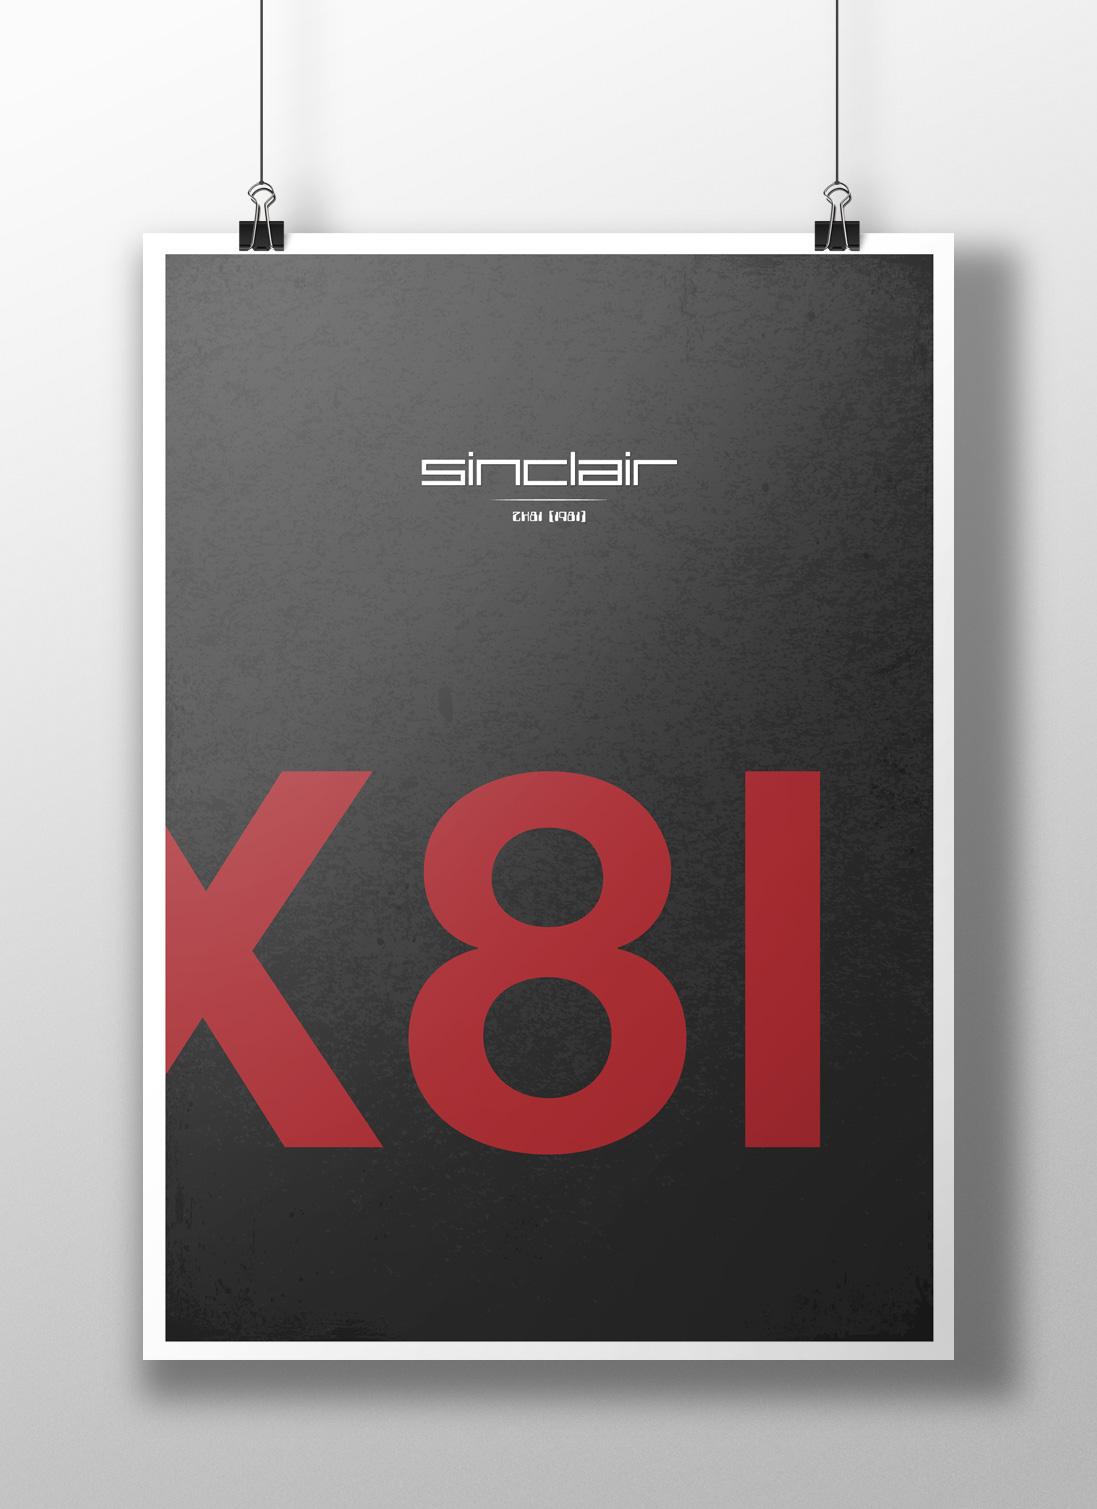 ZX81 Minimalist Poster